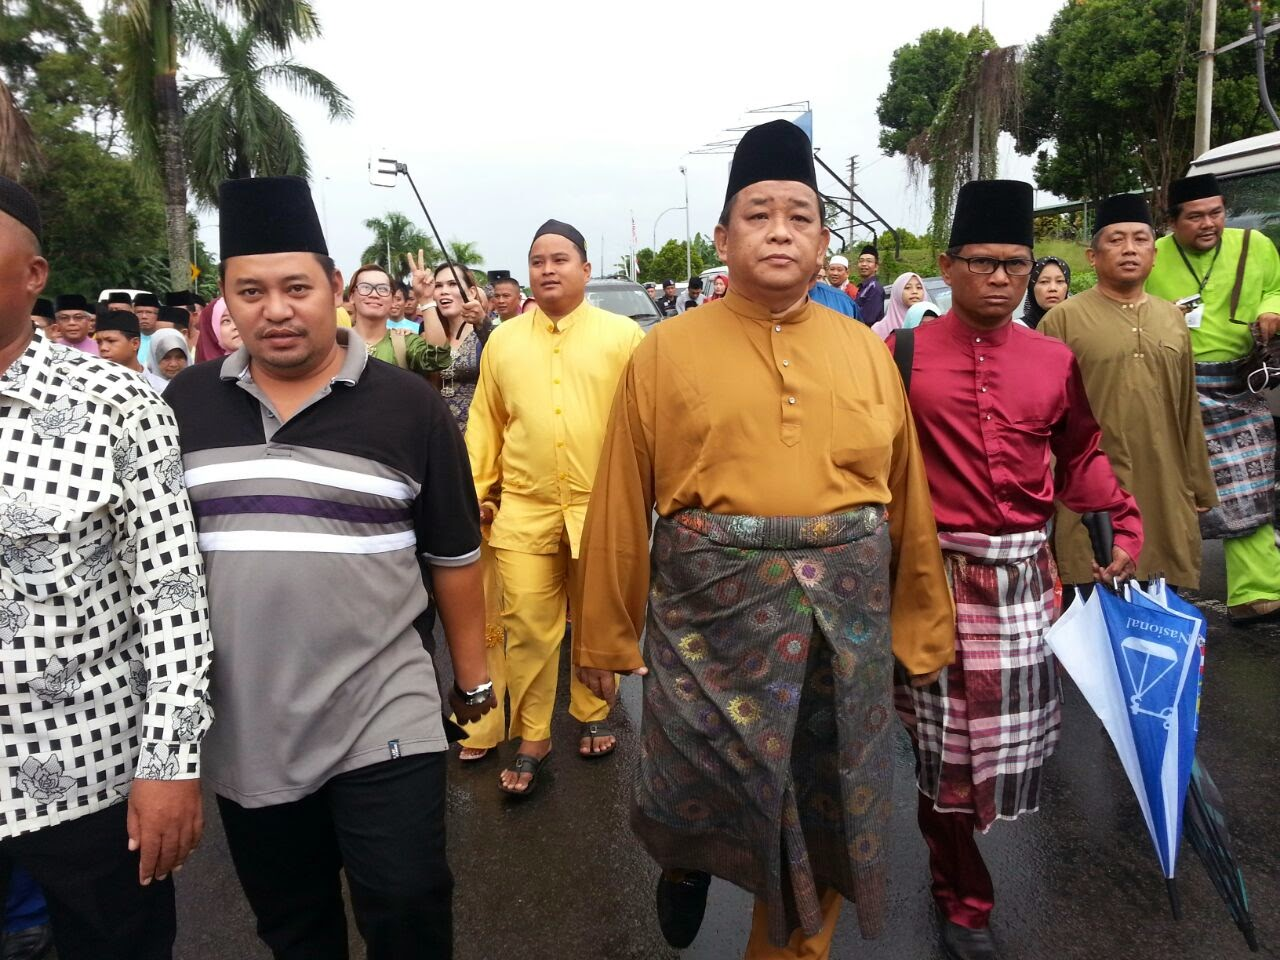 Perarakan Sambutan Maulidur Rasul 1436 H 2015 peringkat negeri Sabah